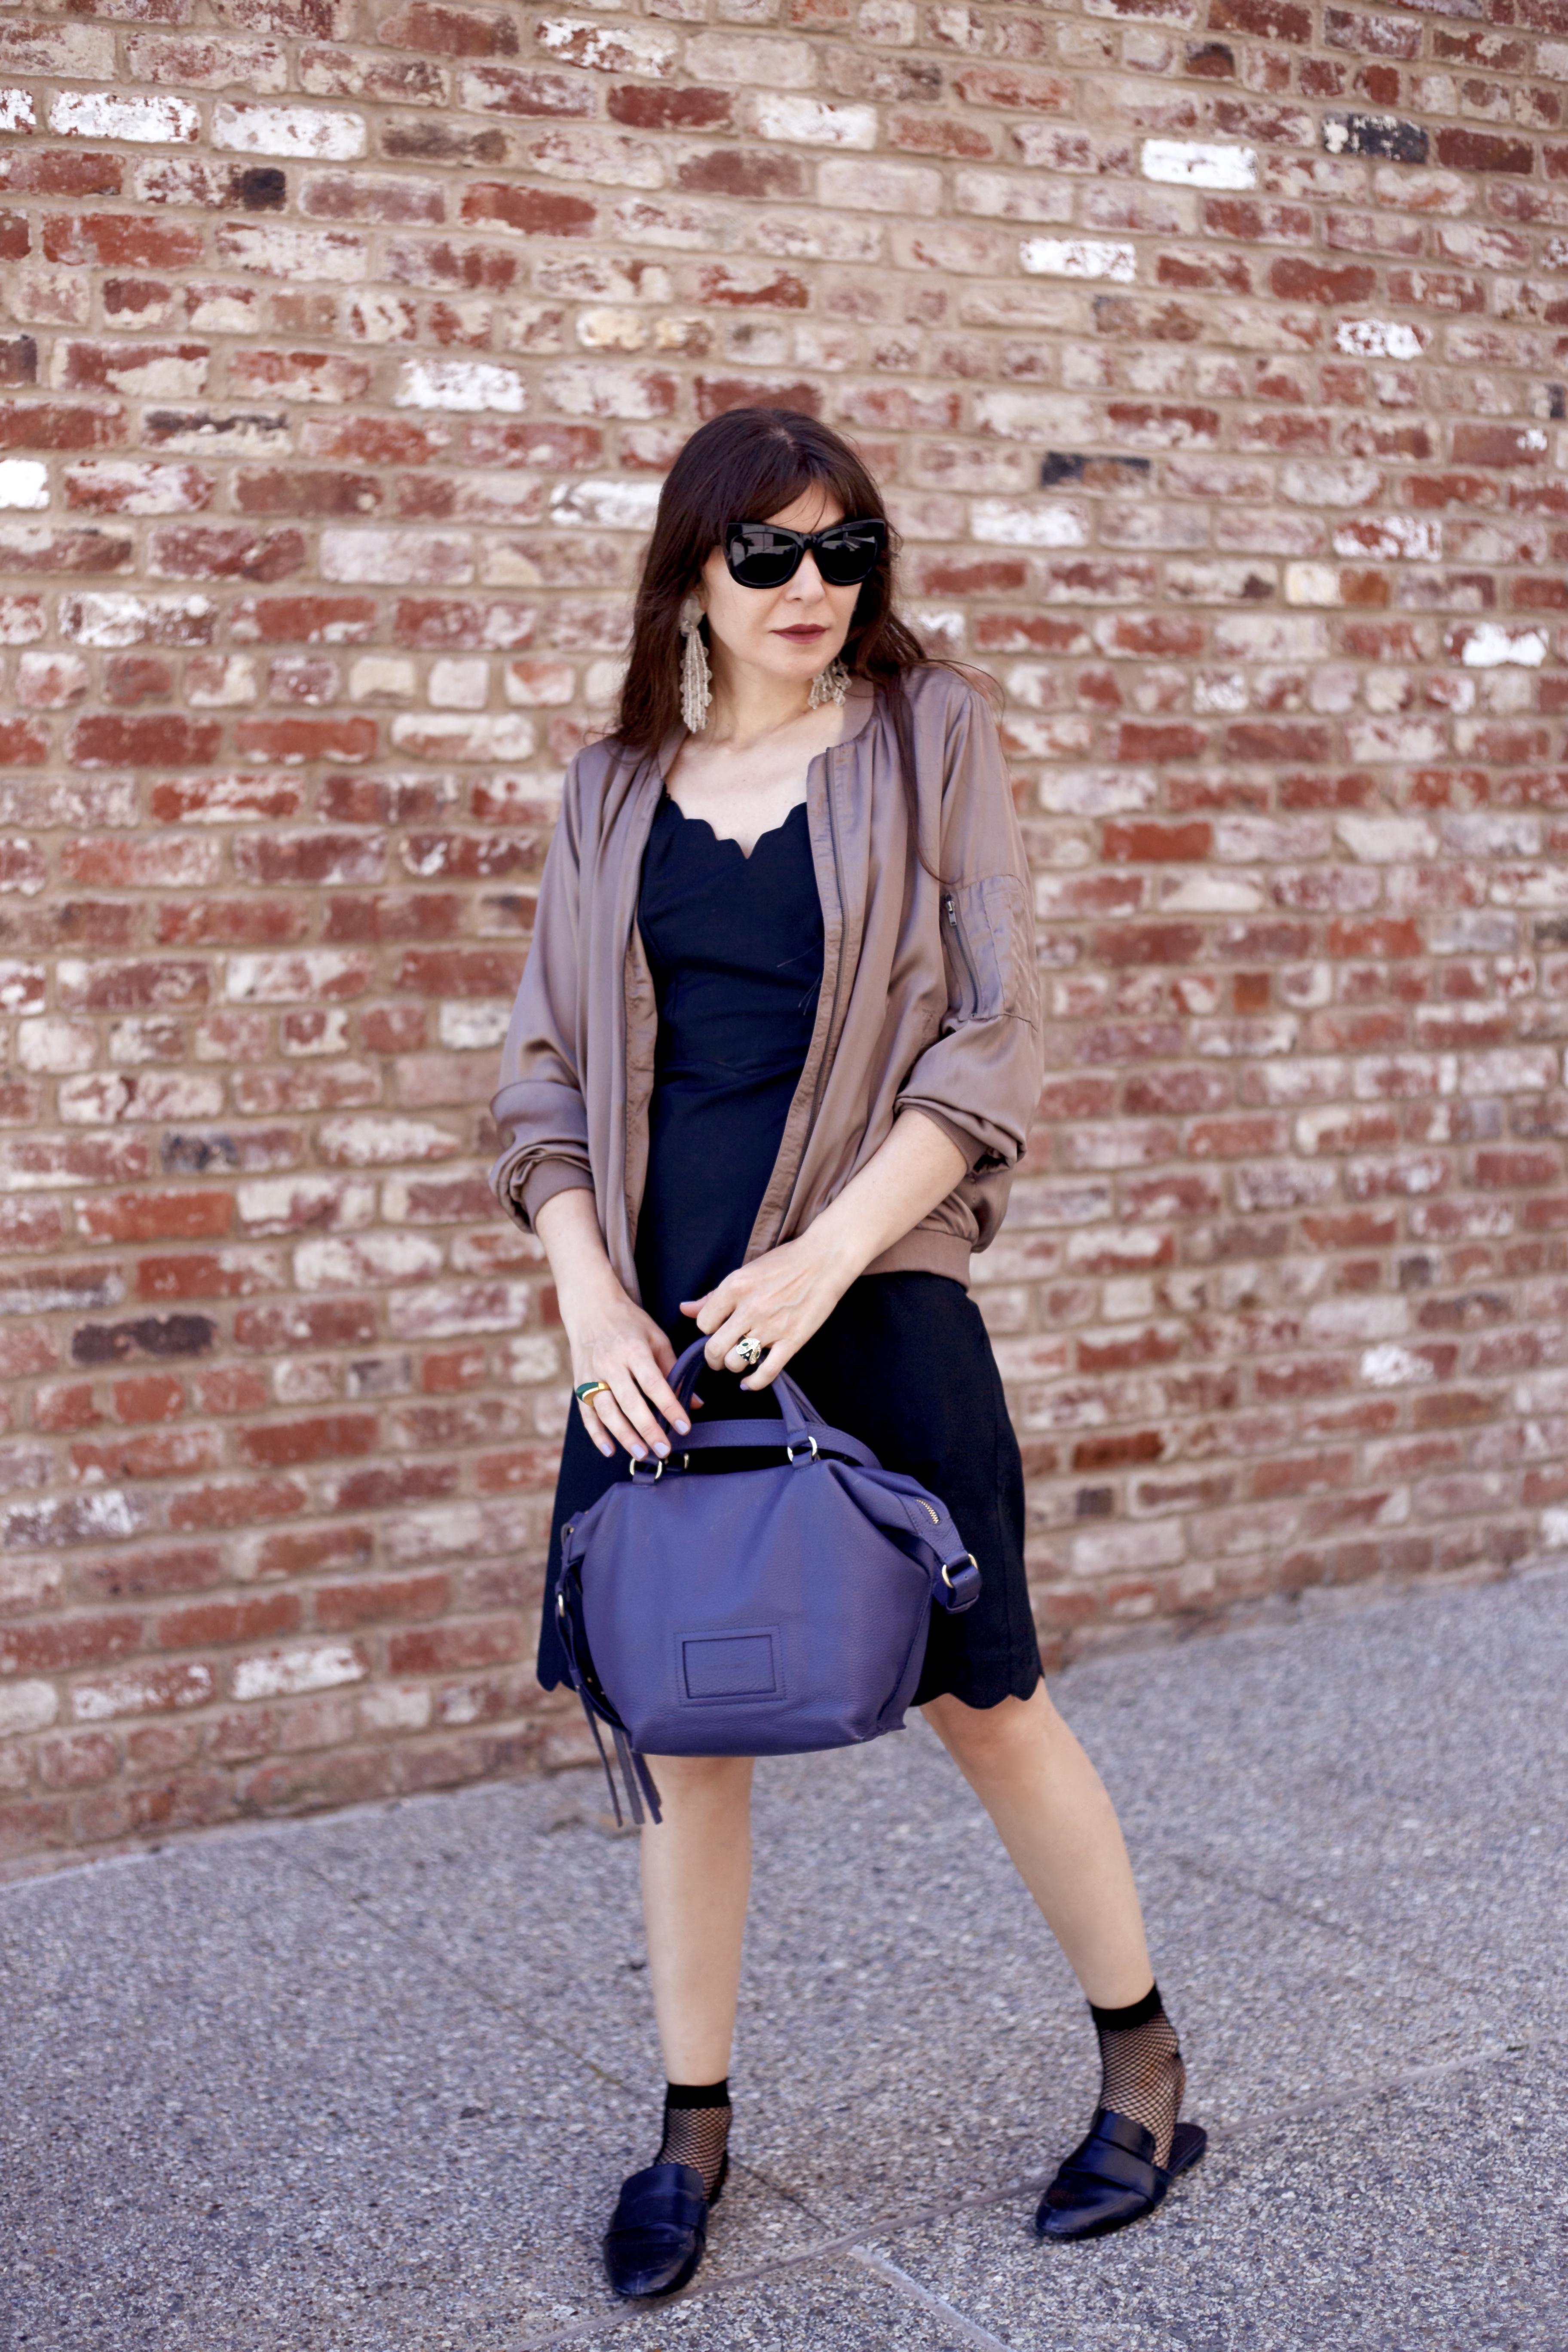 Vintage slip dress and bomber jacket.